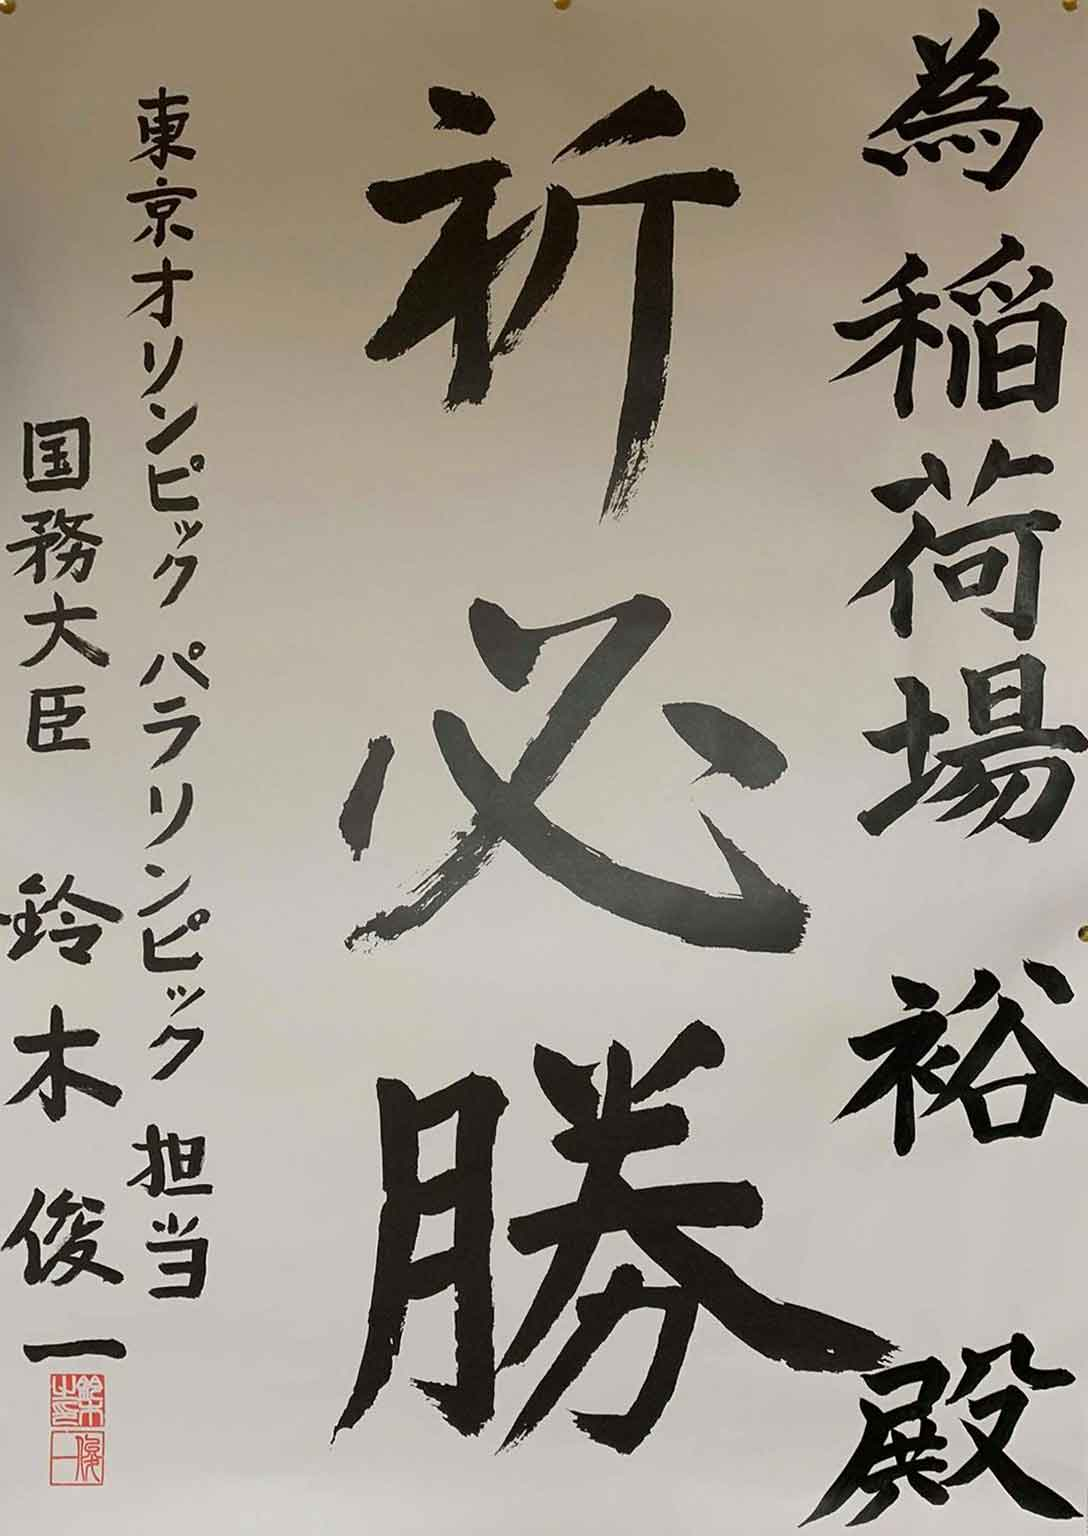 鈴木俊一 東京オリンピック競技大会・東京パラリンピック競技大会担当 ...